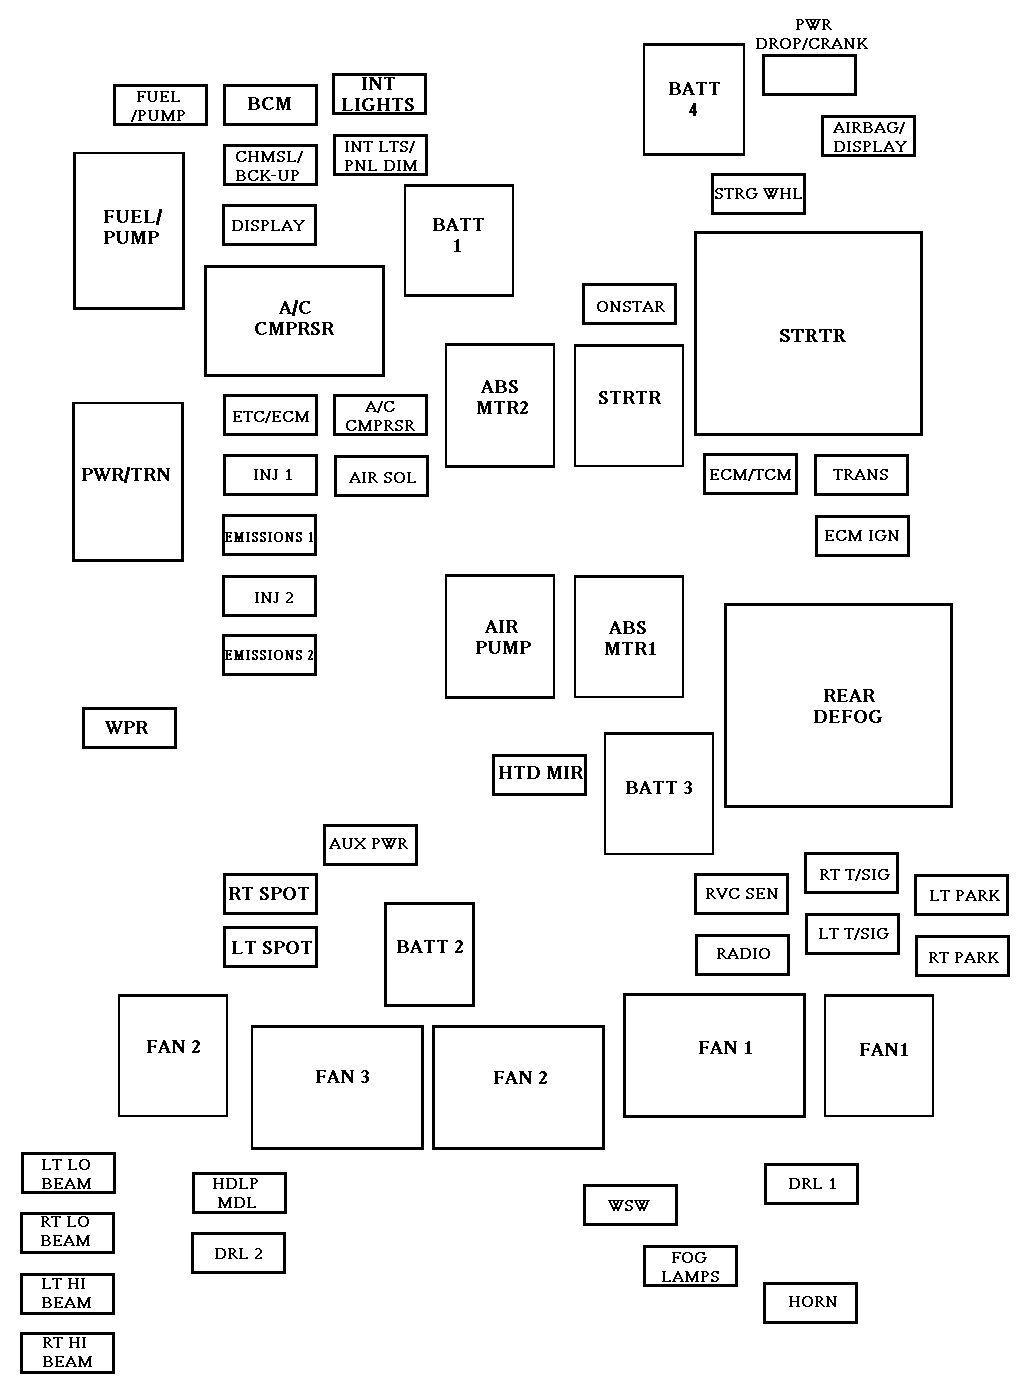 06 chevy impala wiring diagram  06 gmc sierra wiring